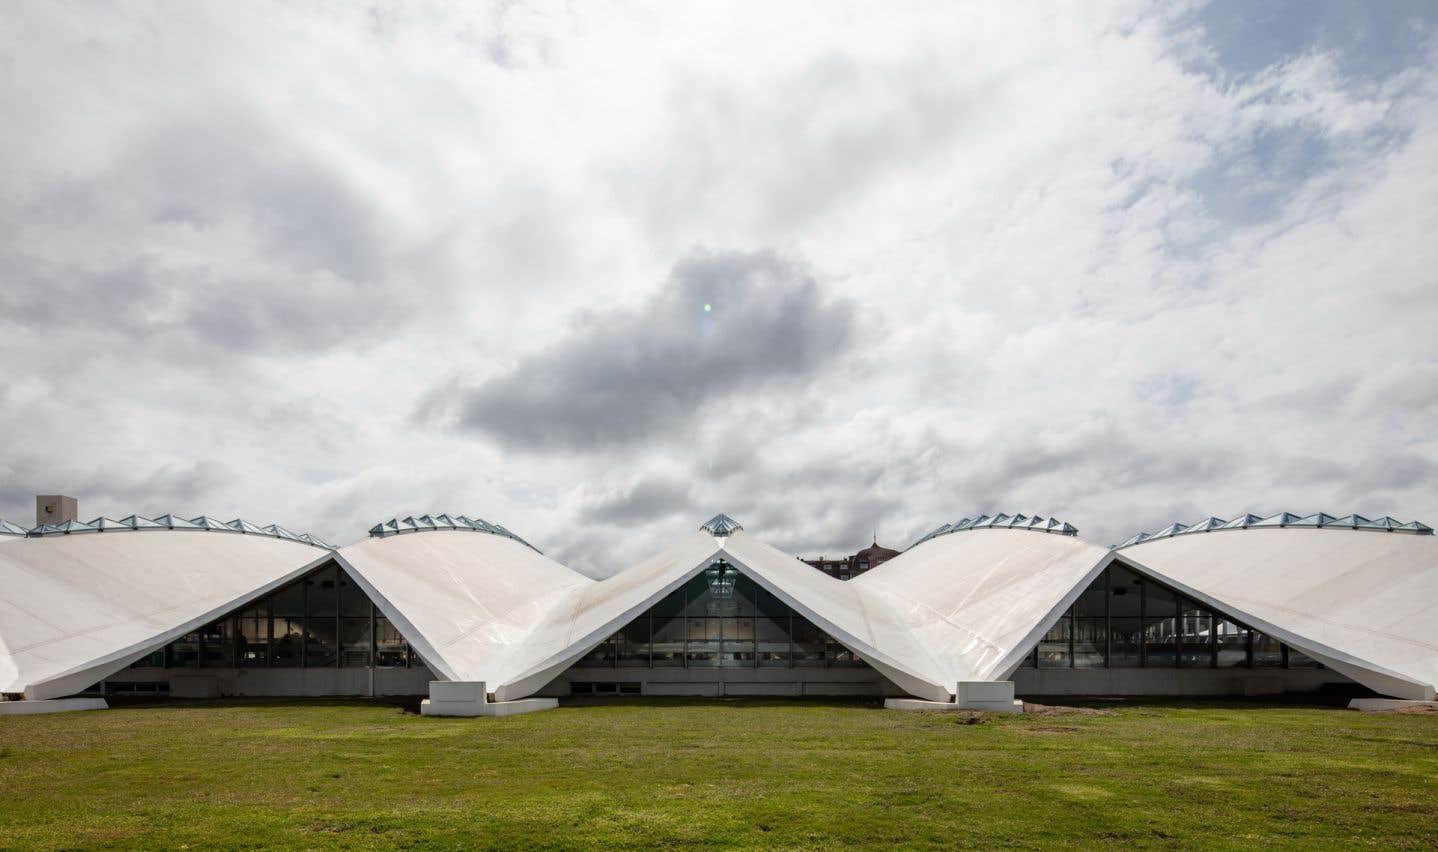 Le bâtiment est l'un de ses premiers projets en France et encore aujourd'hui, le site Internet de la mairie de Deauville souligne «l'architecture singulière» de cette piscine.